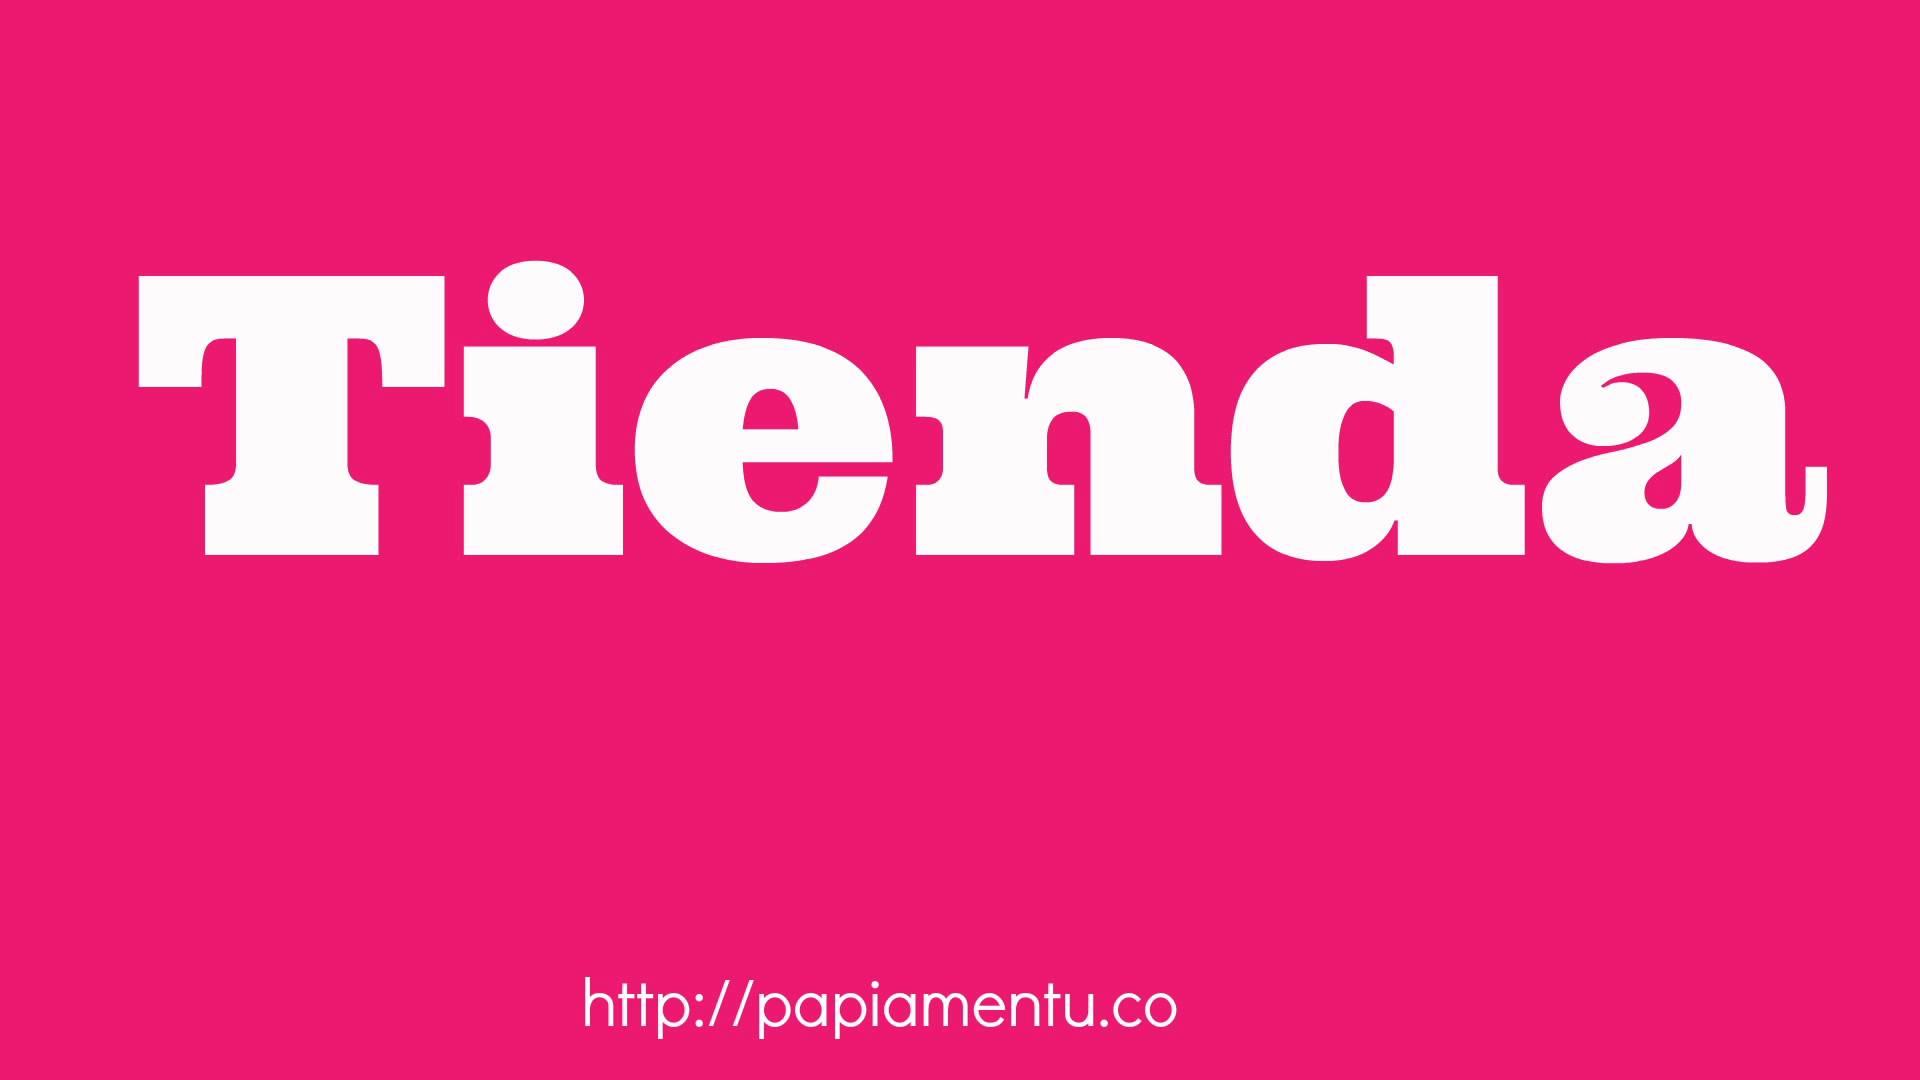 Tienda - Zo zeg je winkel in Papiamentu